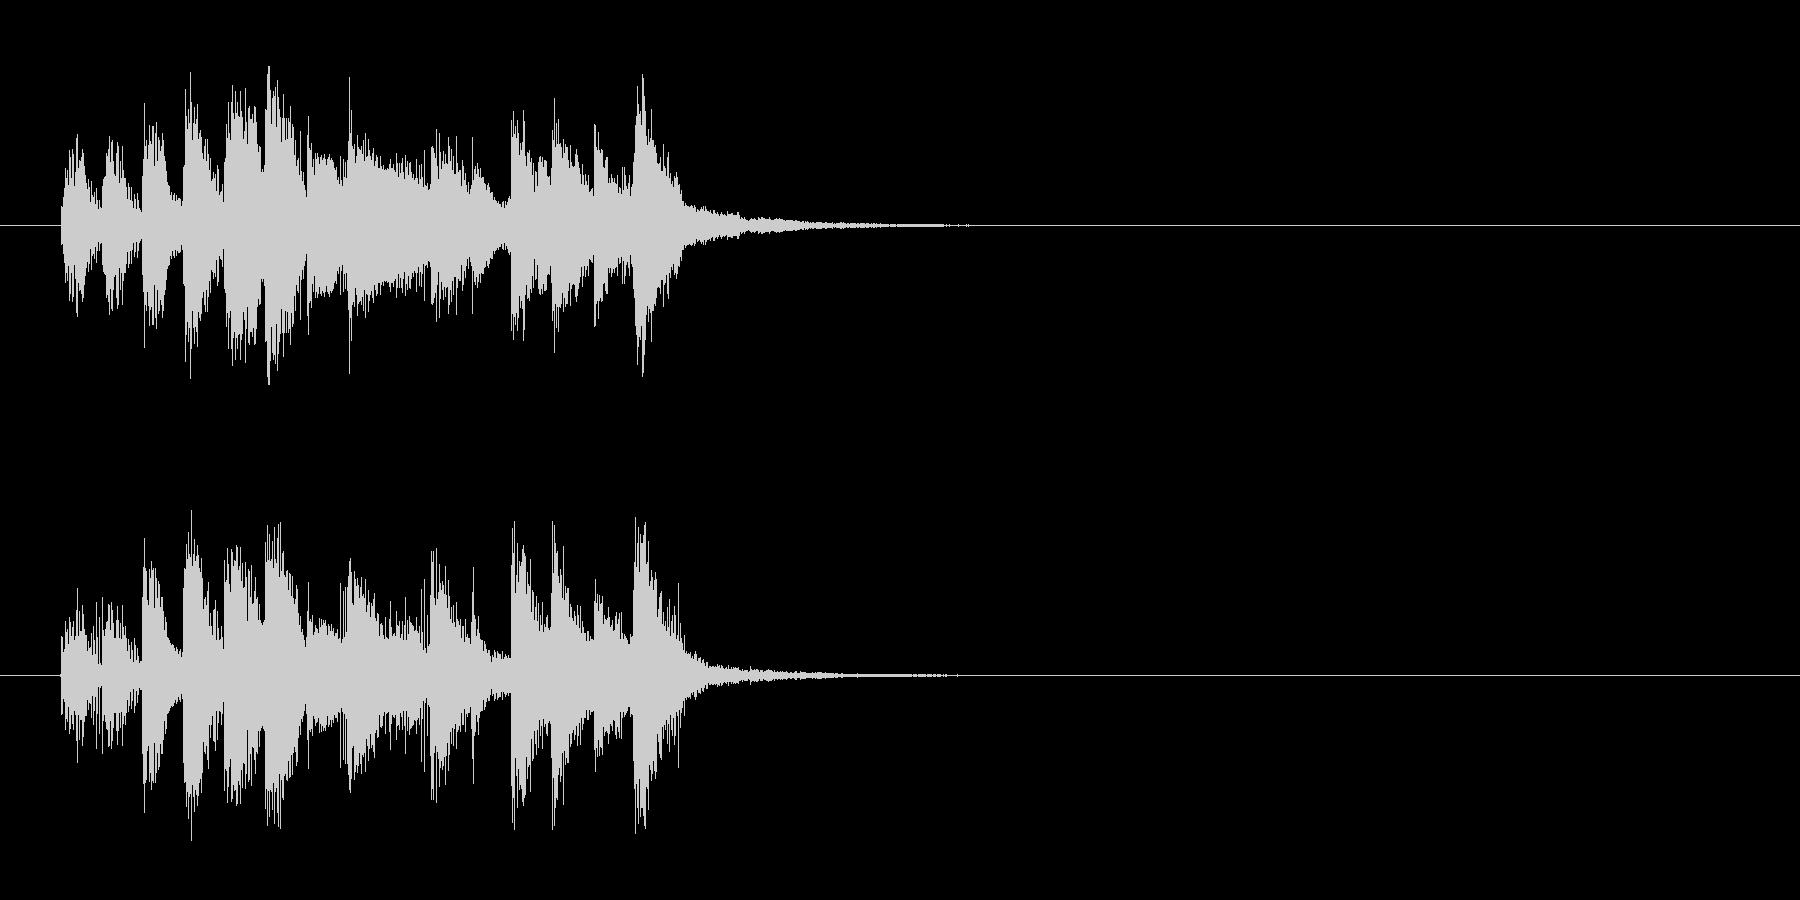 ジングル(コミカル)の未再生の波形